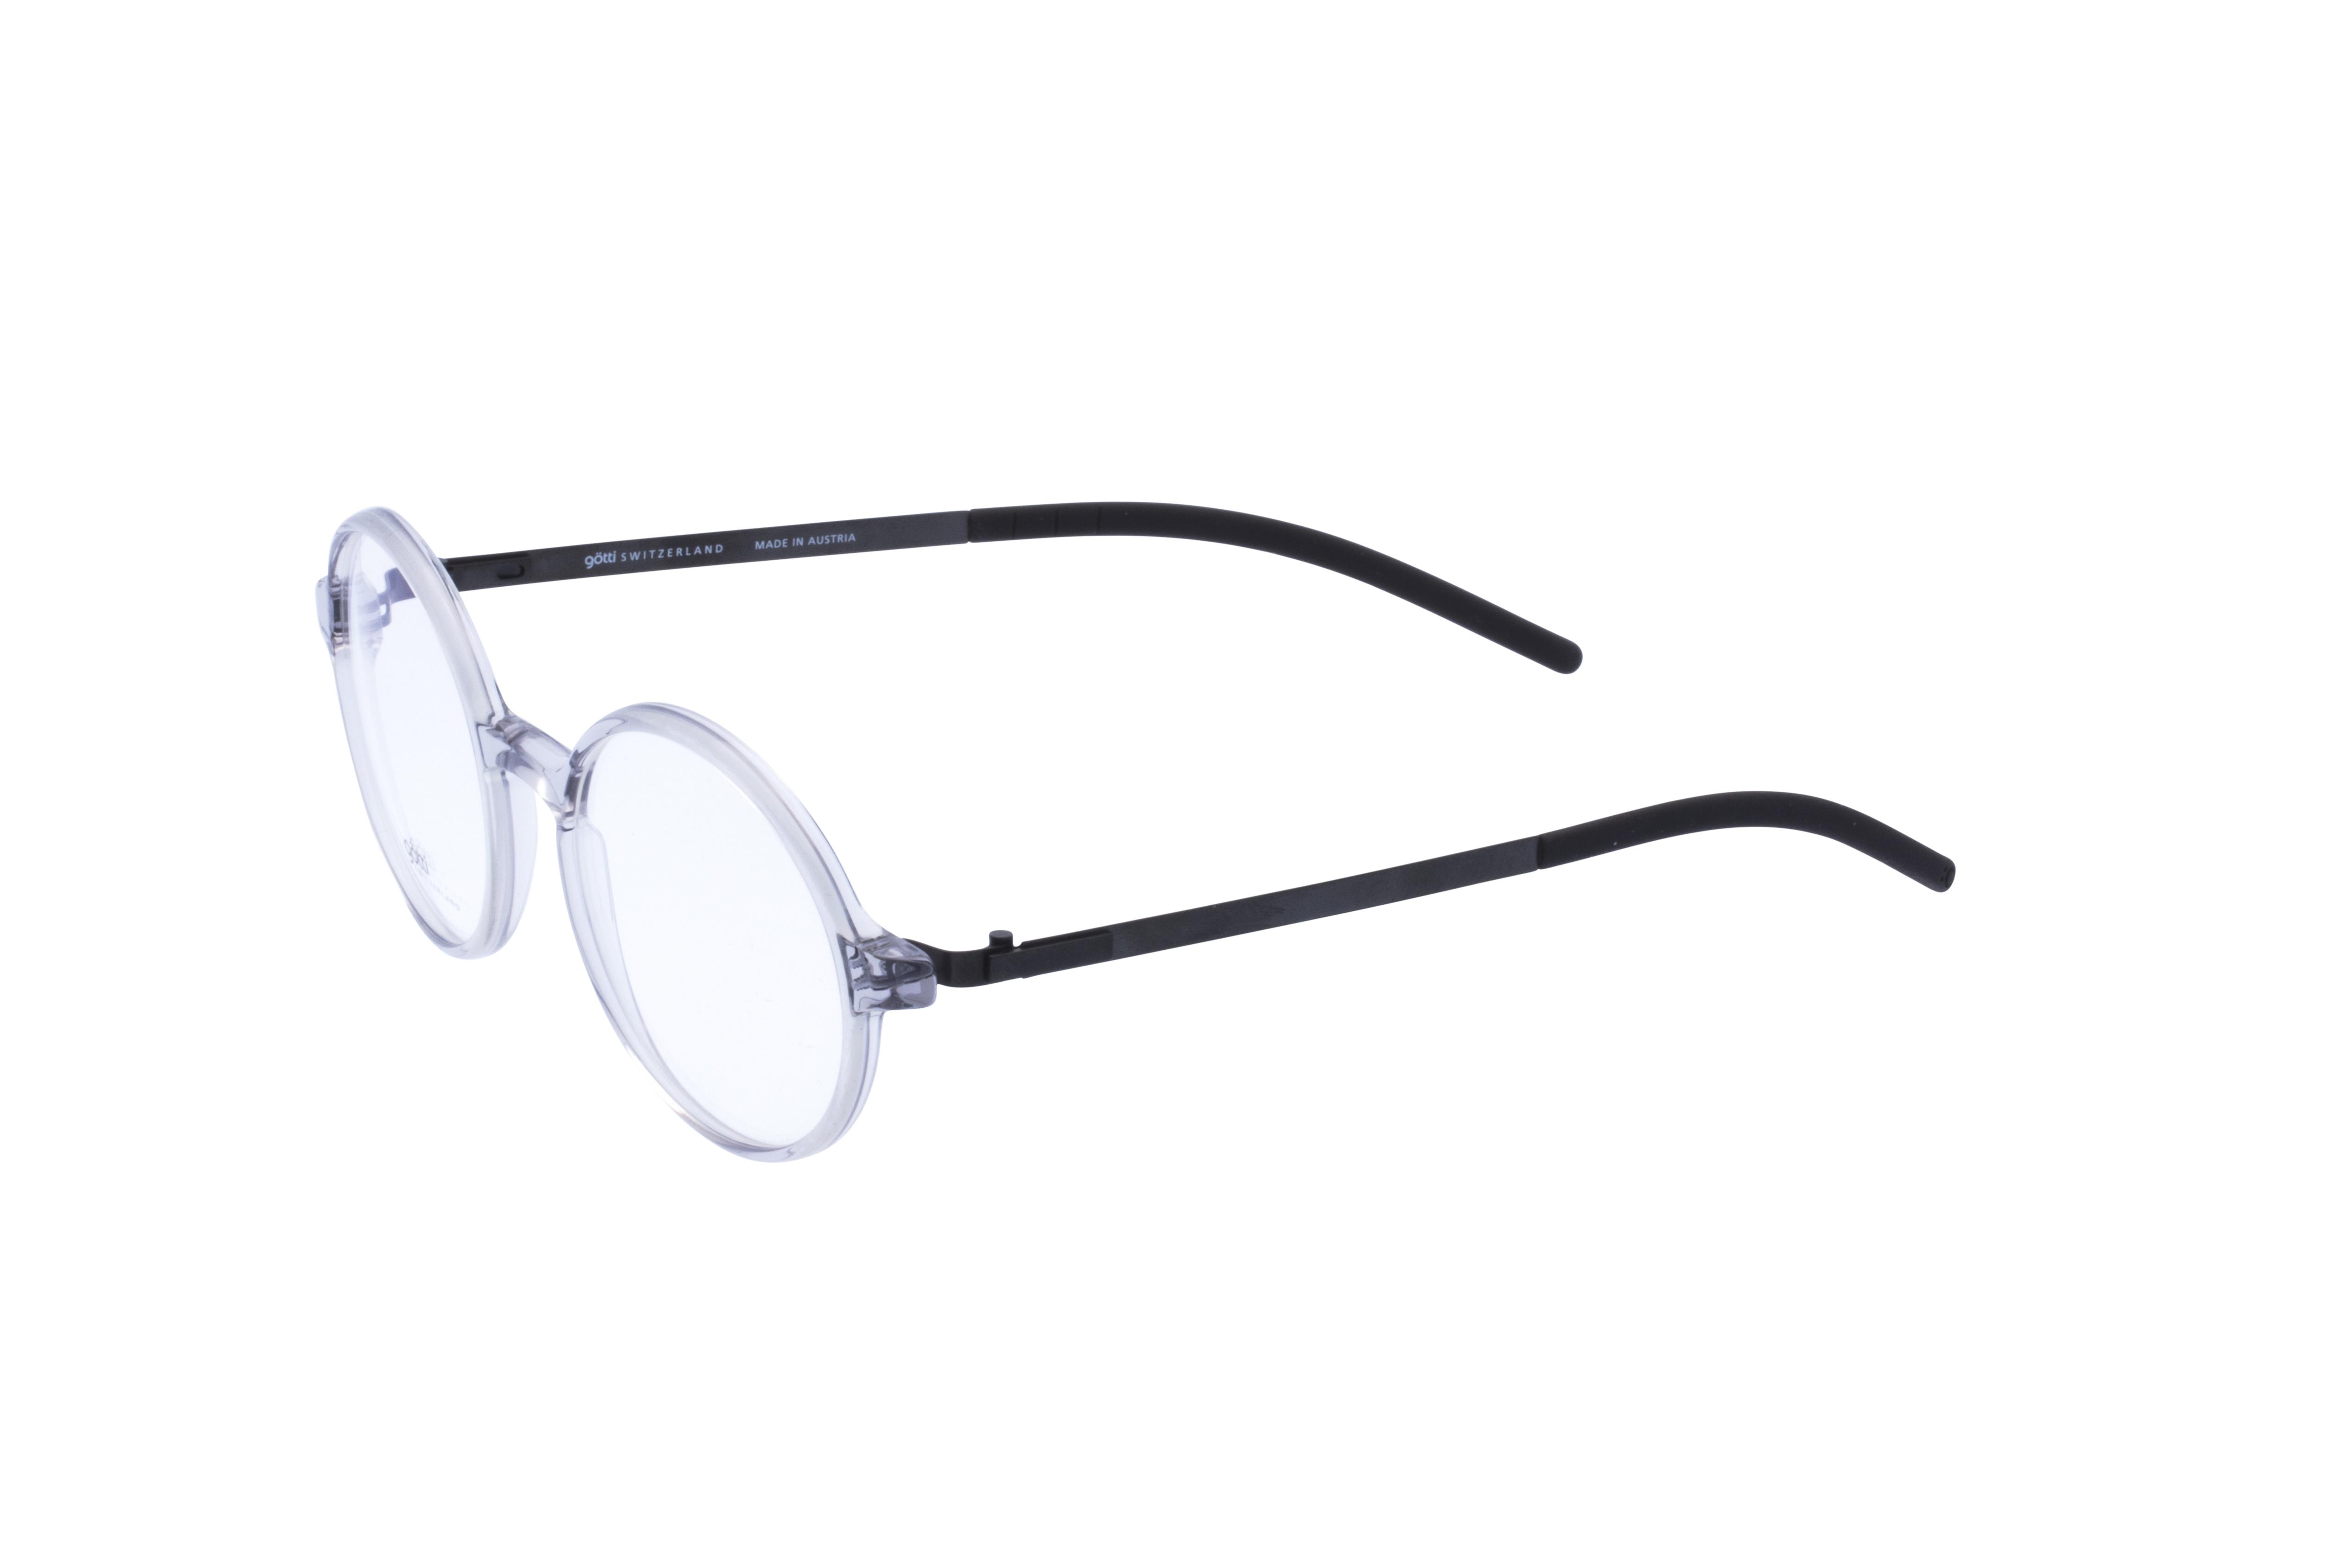 360 Grad Ansicht 20 Götti Sedrin, Brille auf Weiß - Fassung bei KUNK